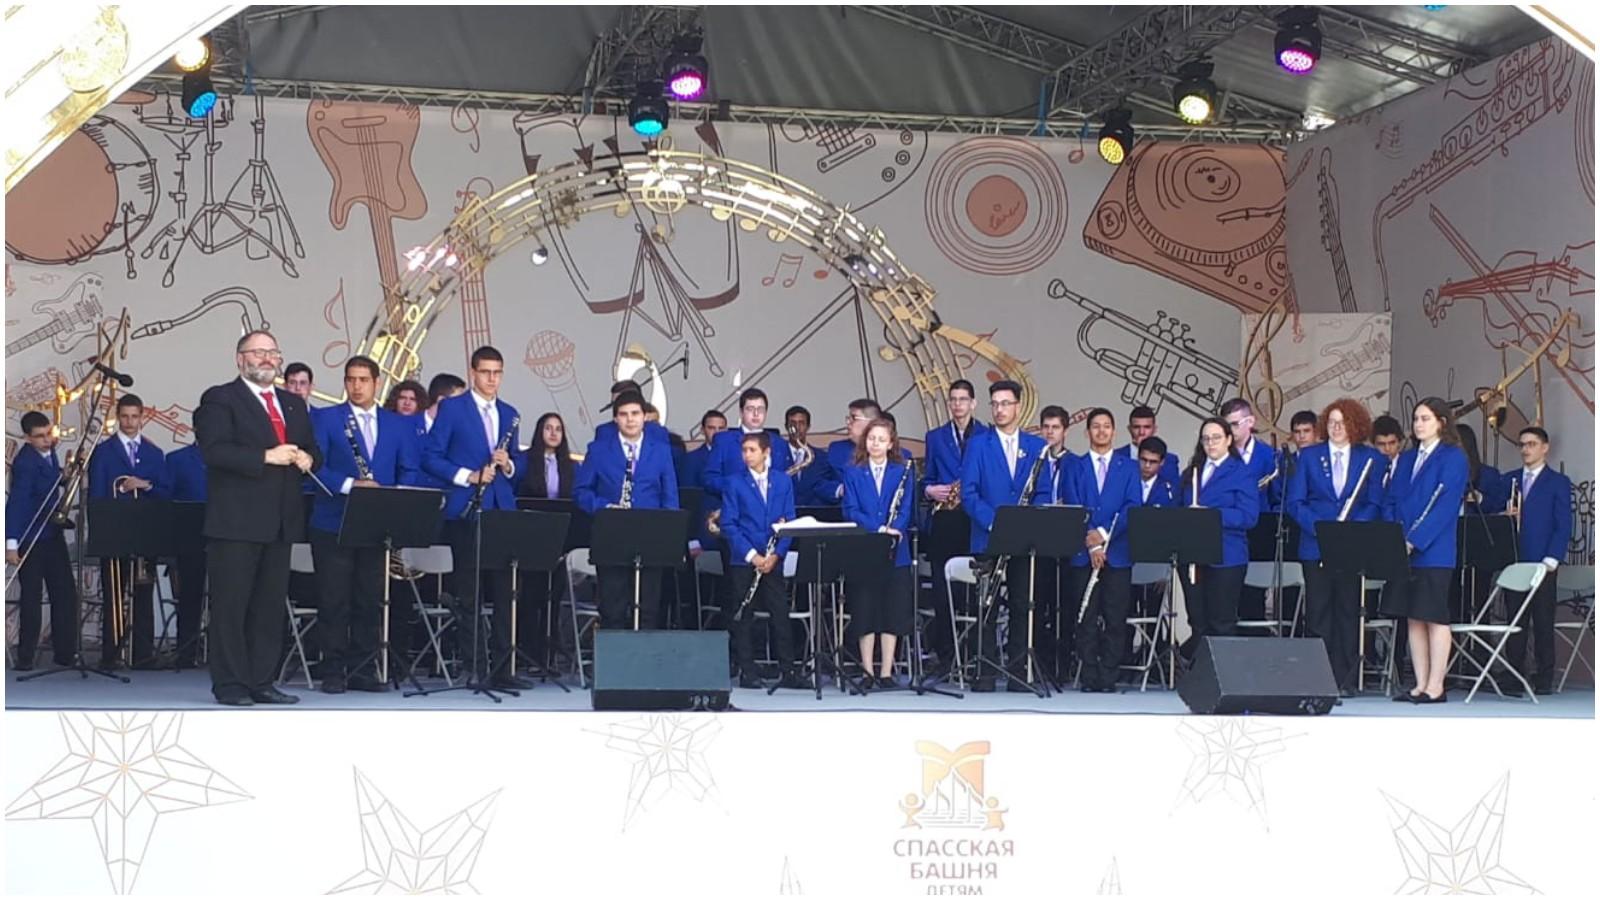 תזמורת הנוער העירונית של הרצליה בכיכר האדומה במוסקבה. צילום שיר-לי גרינברג